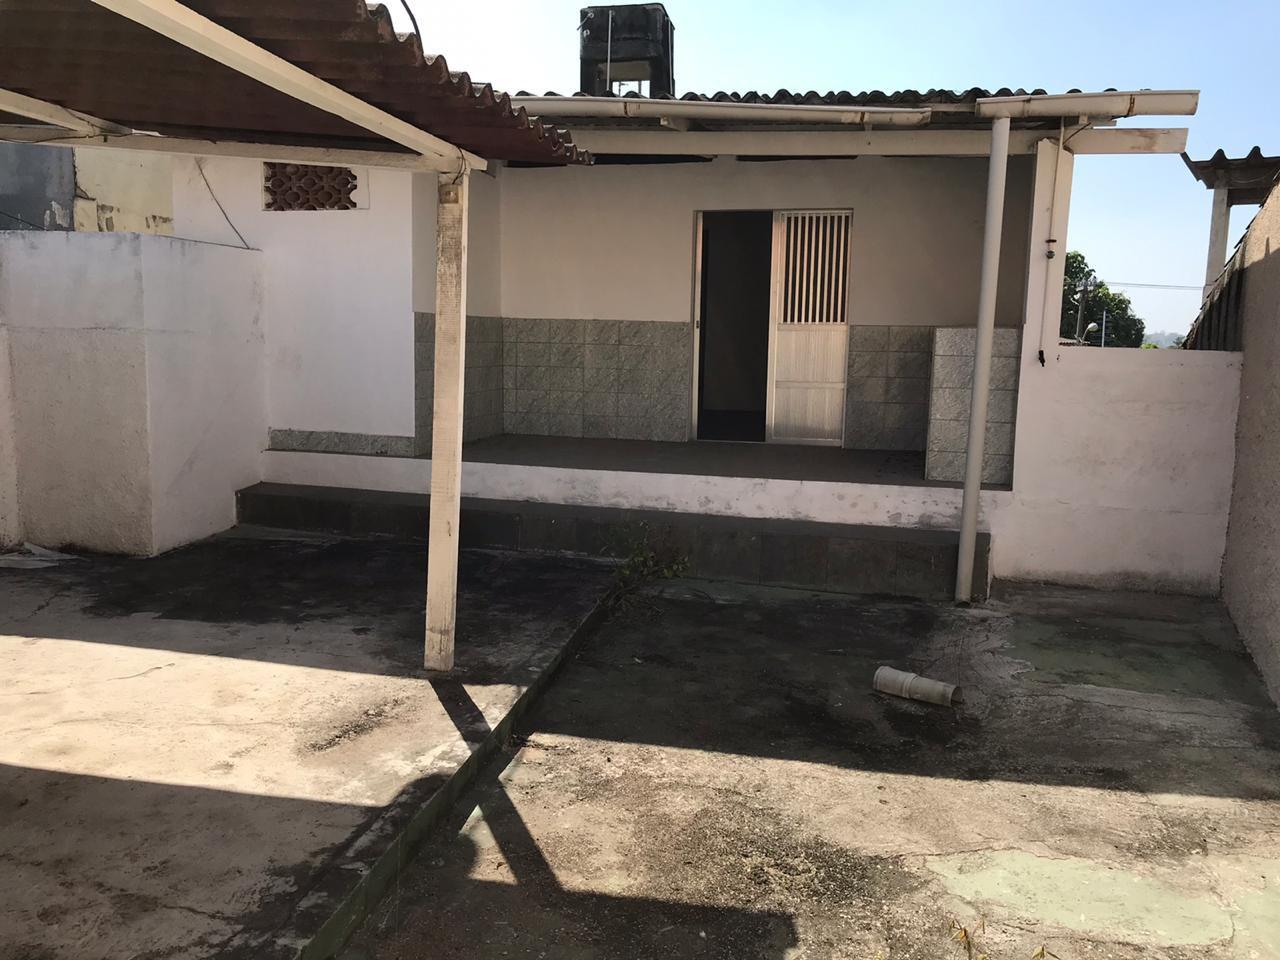 FOTO 15 - Casa à venda Rua Quiririm,Vila Valqueire, Rio de Janeiro - R$ 320.000 - RF274 - 16